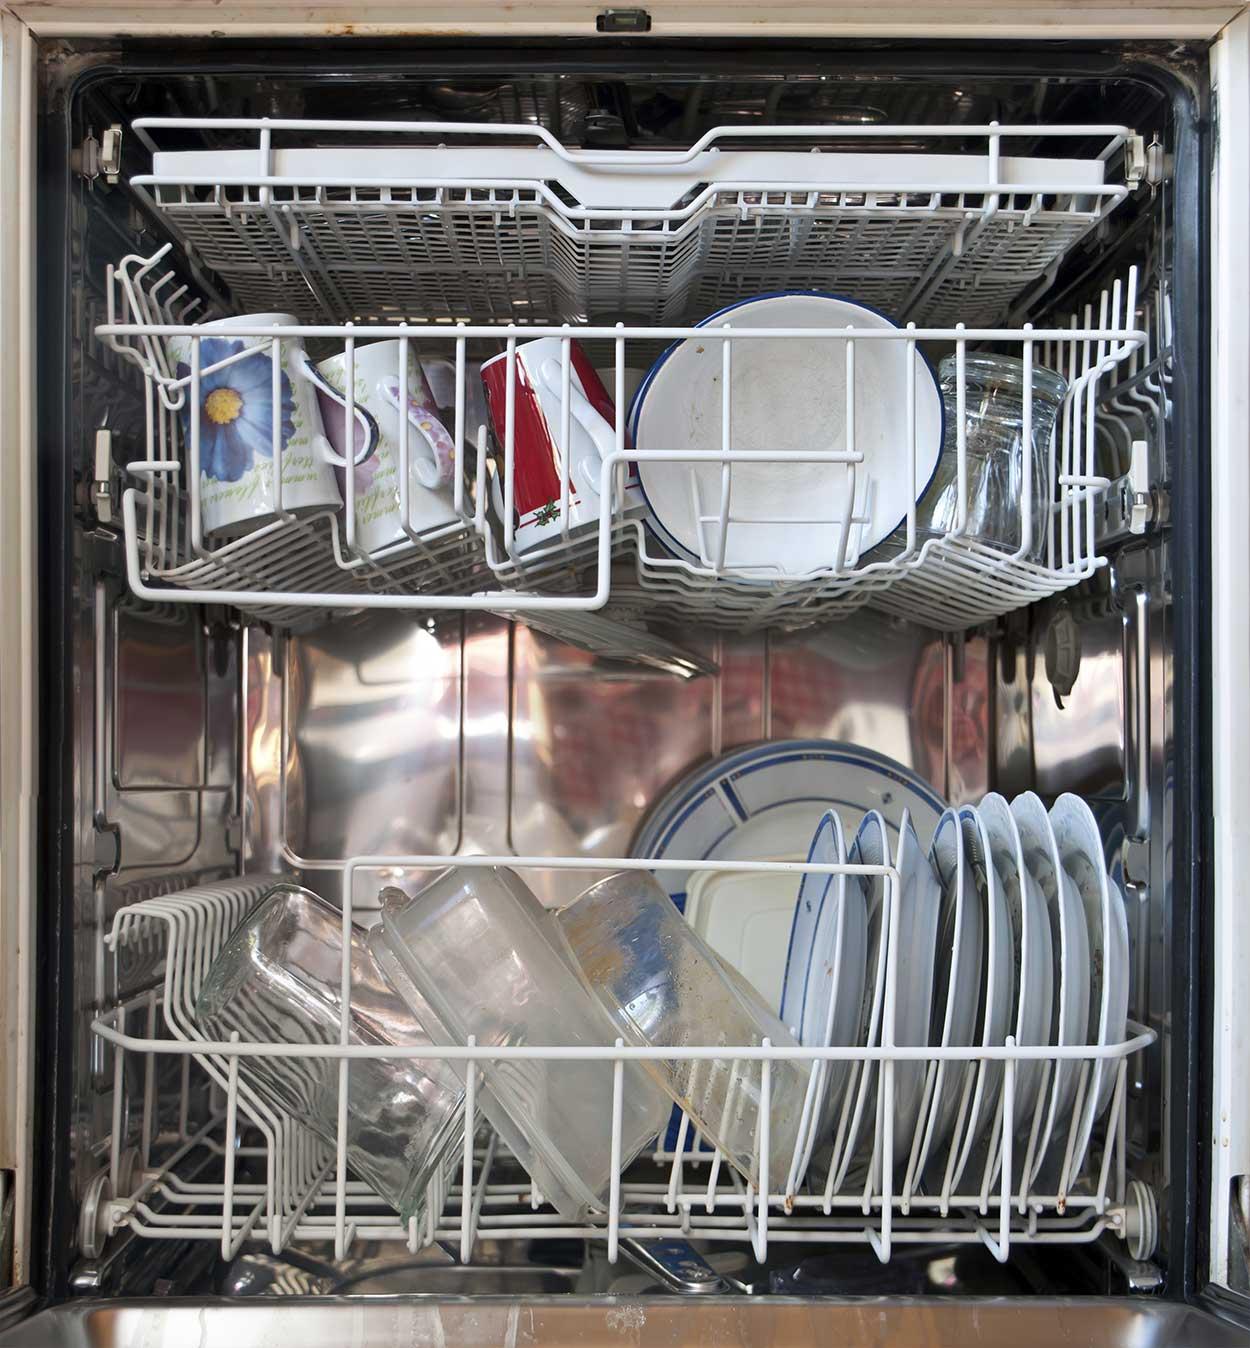 Cucinare con la lavastoviglie tutti vantaggi - Cucinare spendendo poco ...